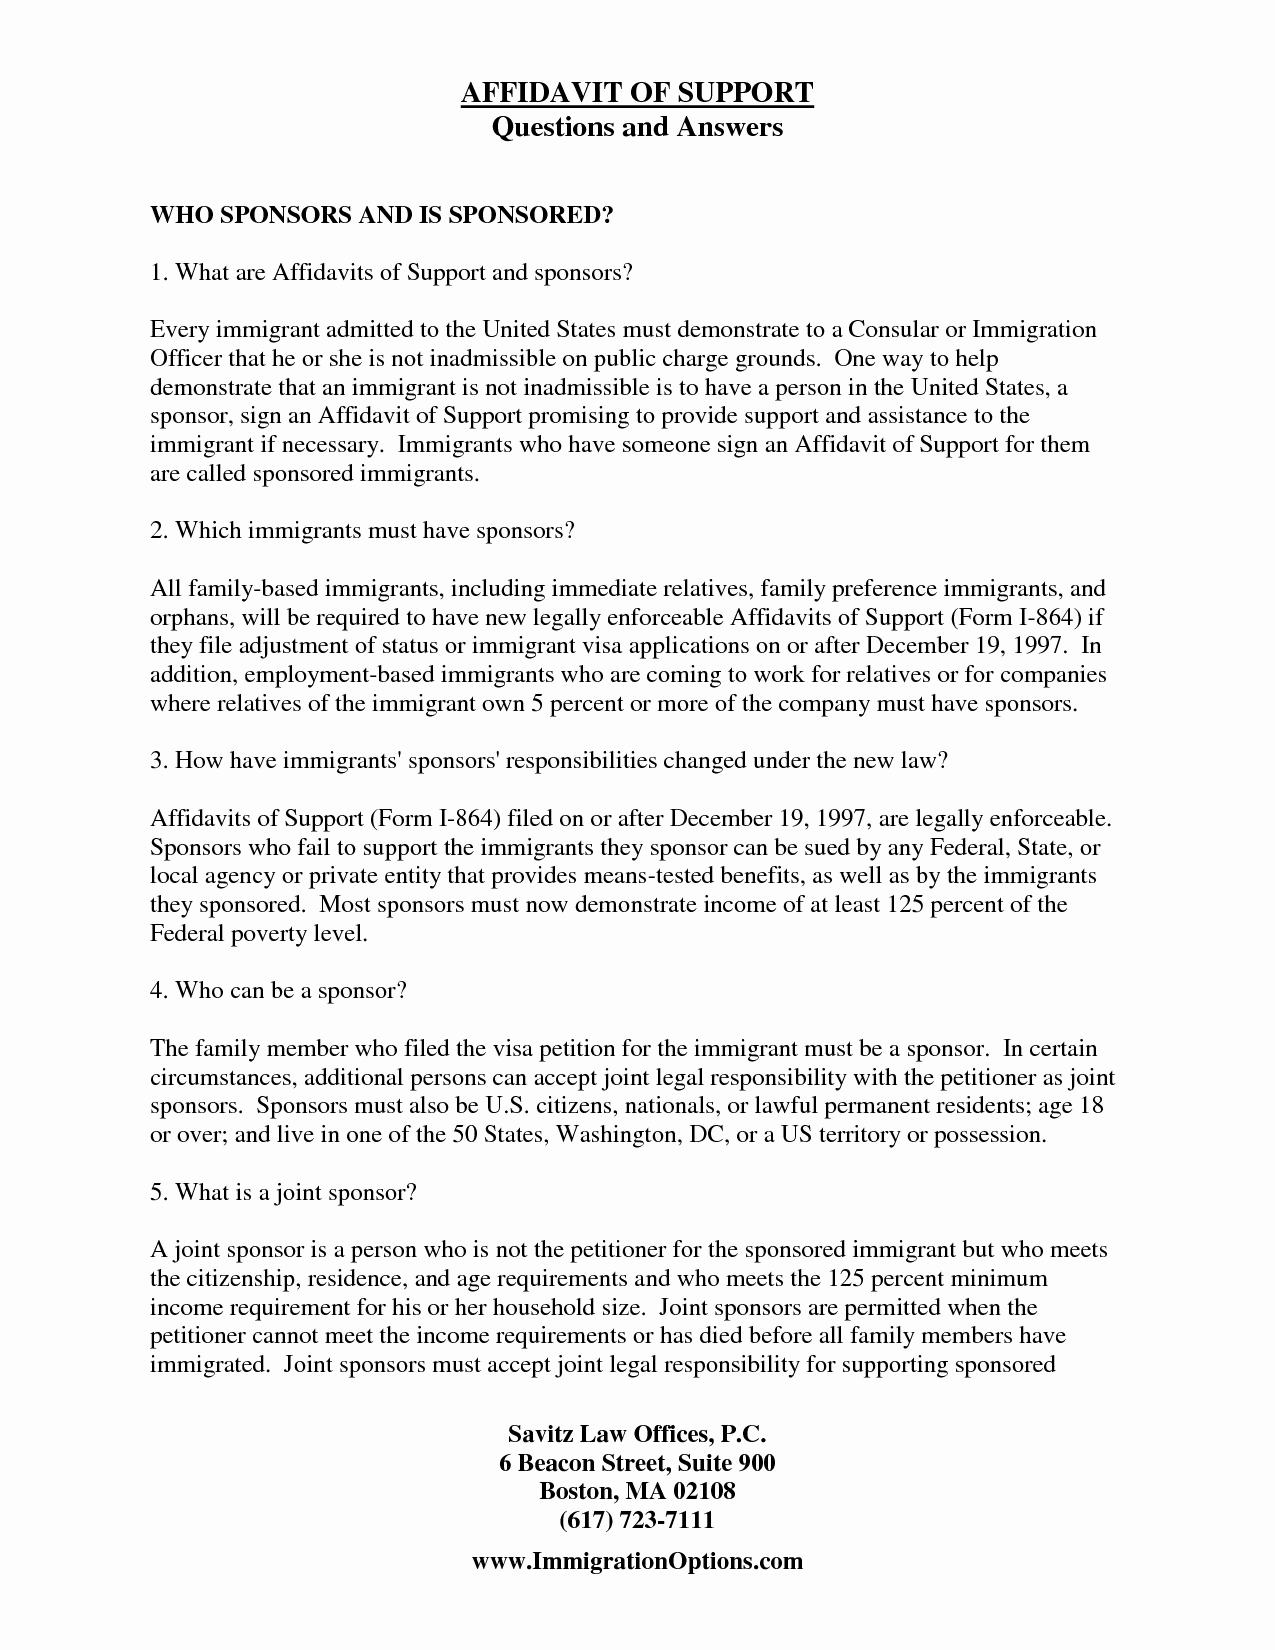 Affidavit Of Support Sample Letter Pdf Best Of Sample Letter Affidavit Financial Support